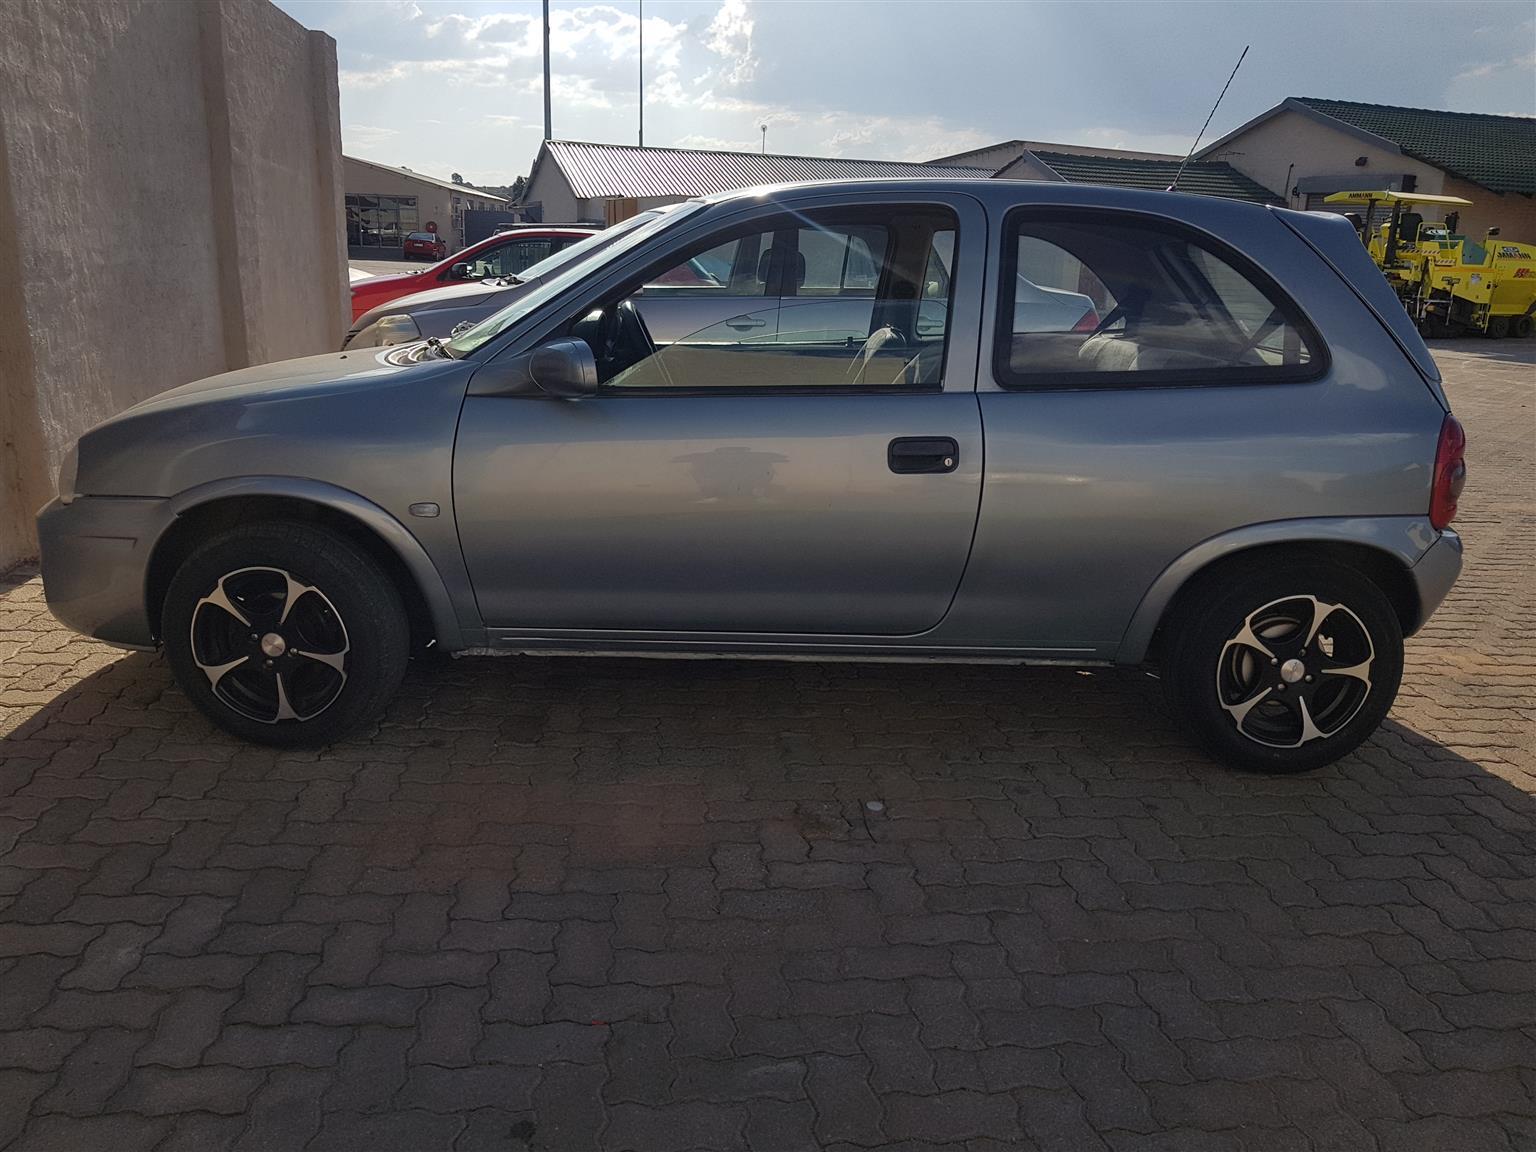 2005 Opel Corsa hatch 3-door CORSA GSI 1.4T (3DR)